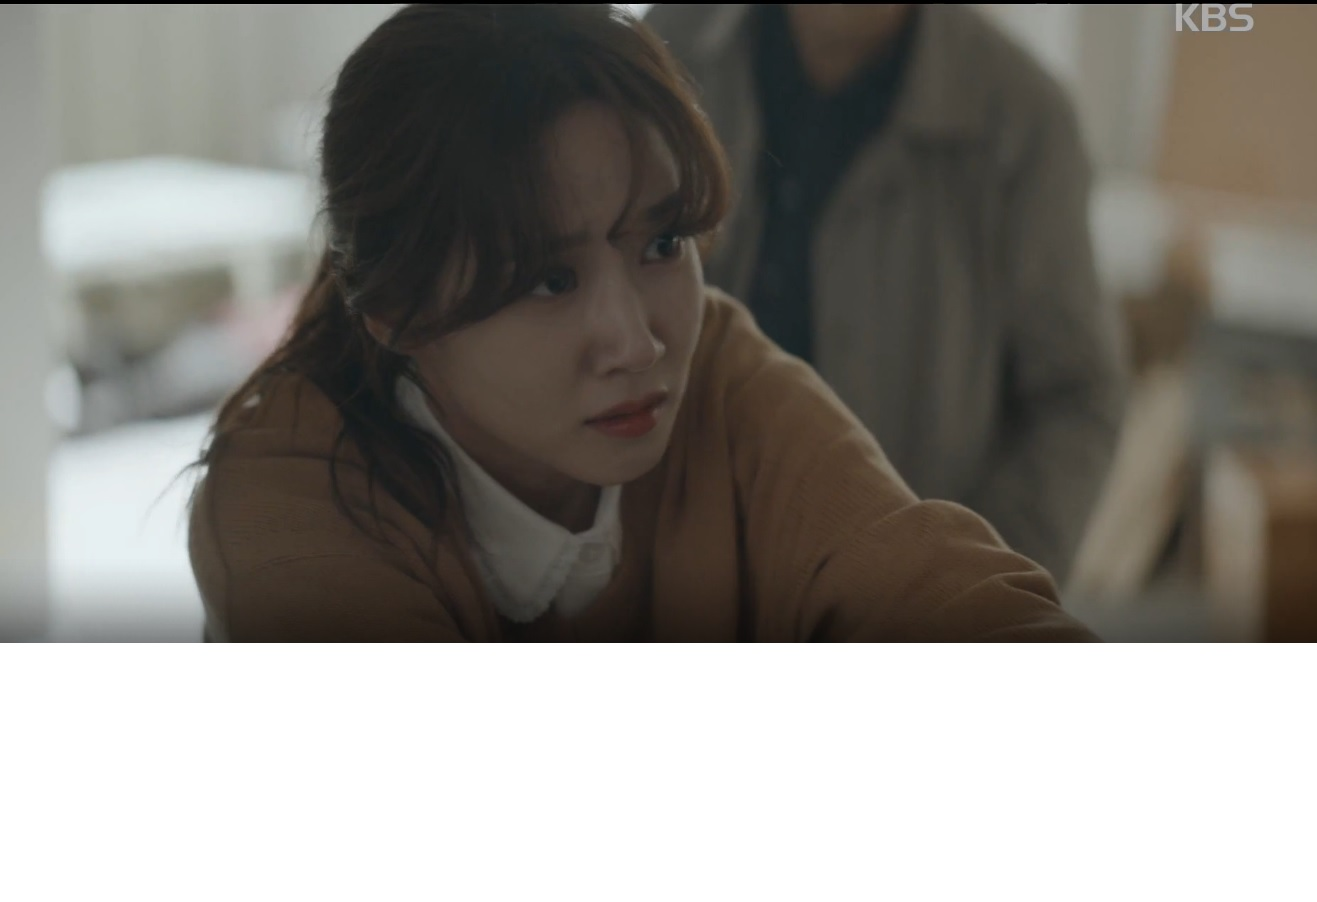 [오늘의 탐정] '분노 악귀' 최다니엘, 박은빈이 막아내다 ▶ 엄마가 들었던 노래 ♪